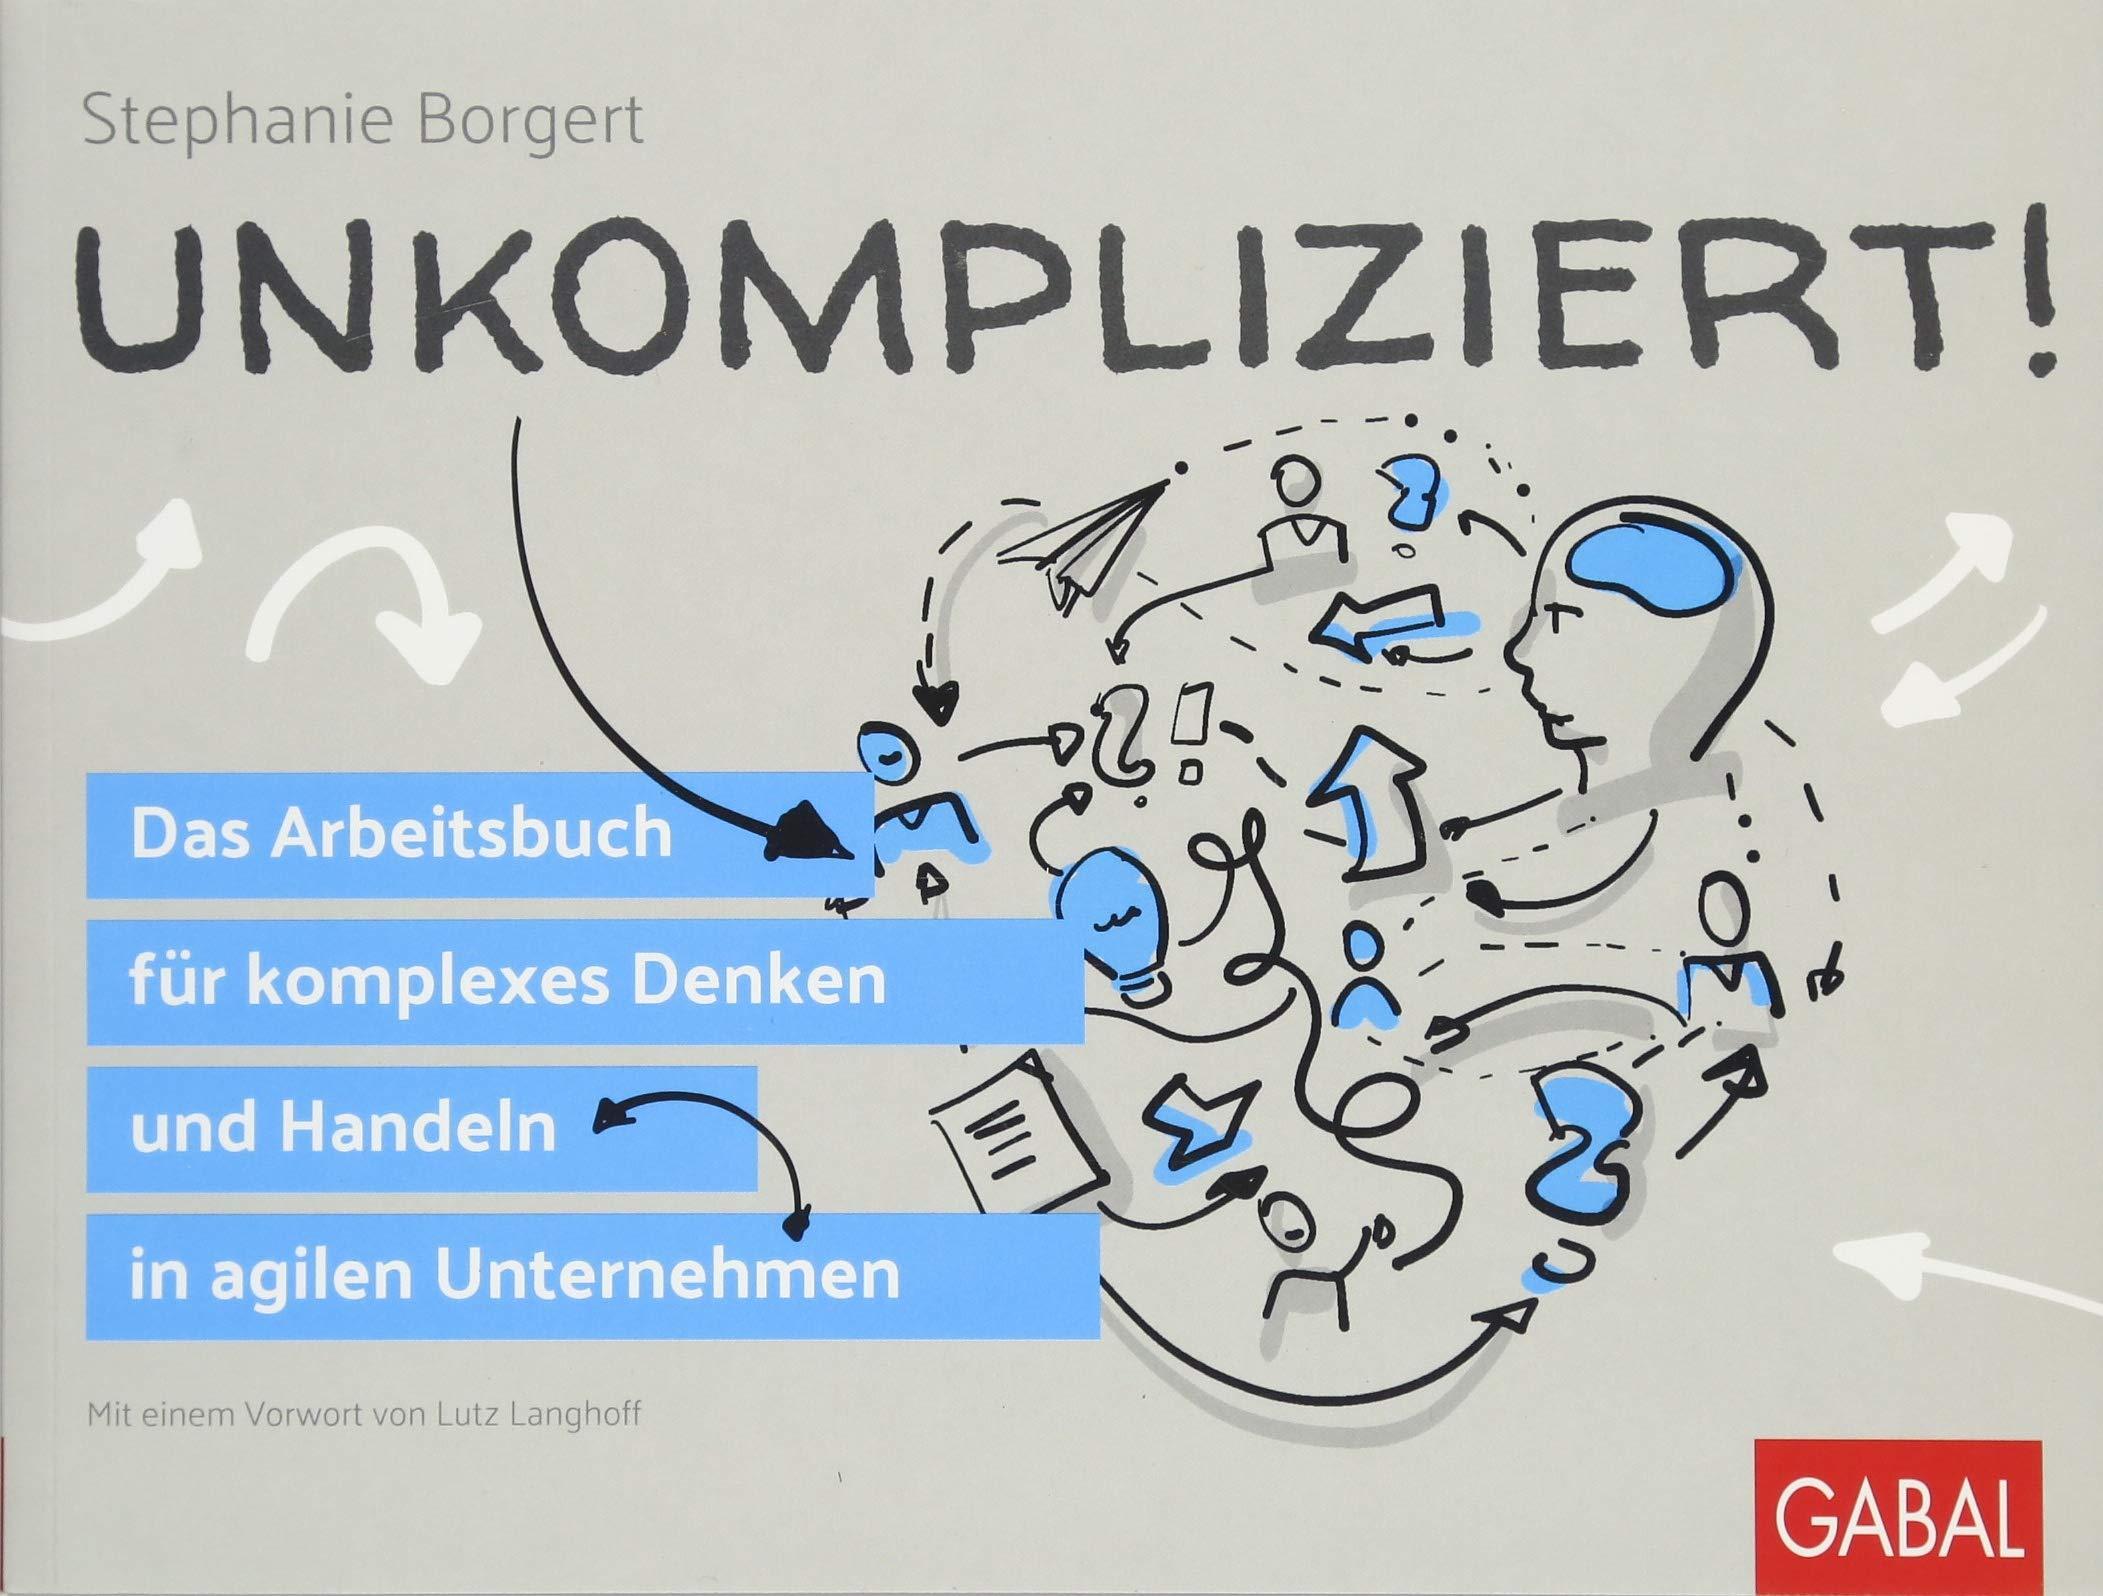 Unkompliziert!: Das Arbeitsbuch für komplexes Denken und Handeln in agilen Unternehmen (Dein Business)